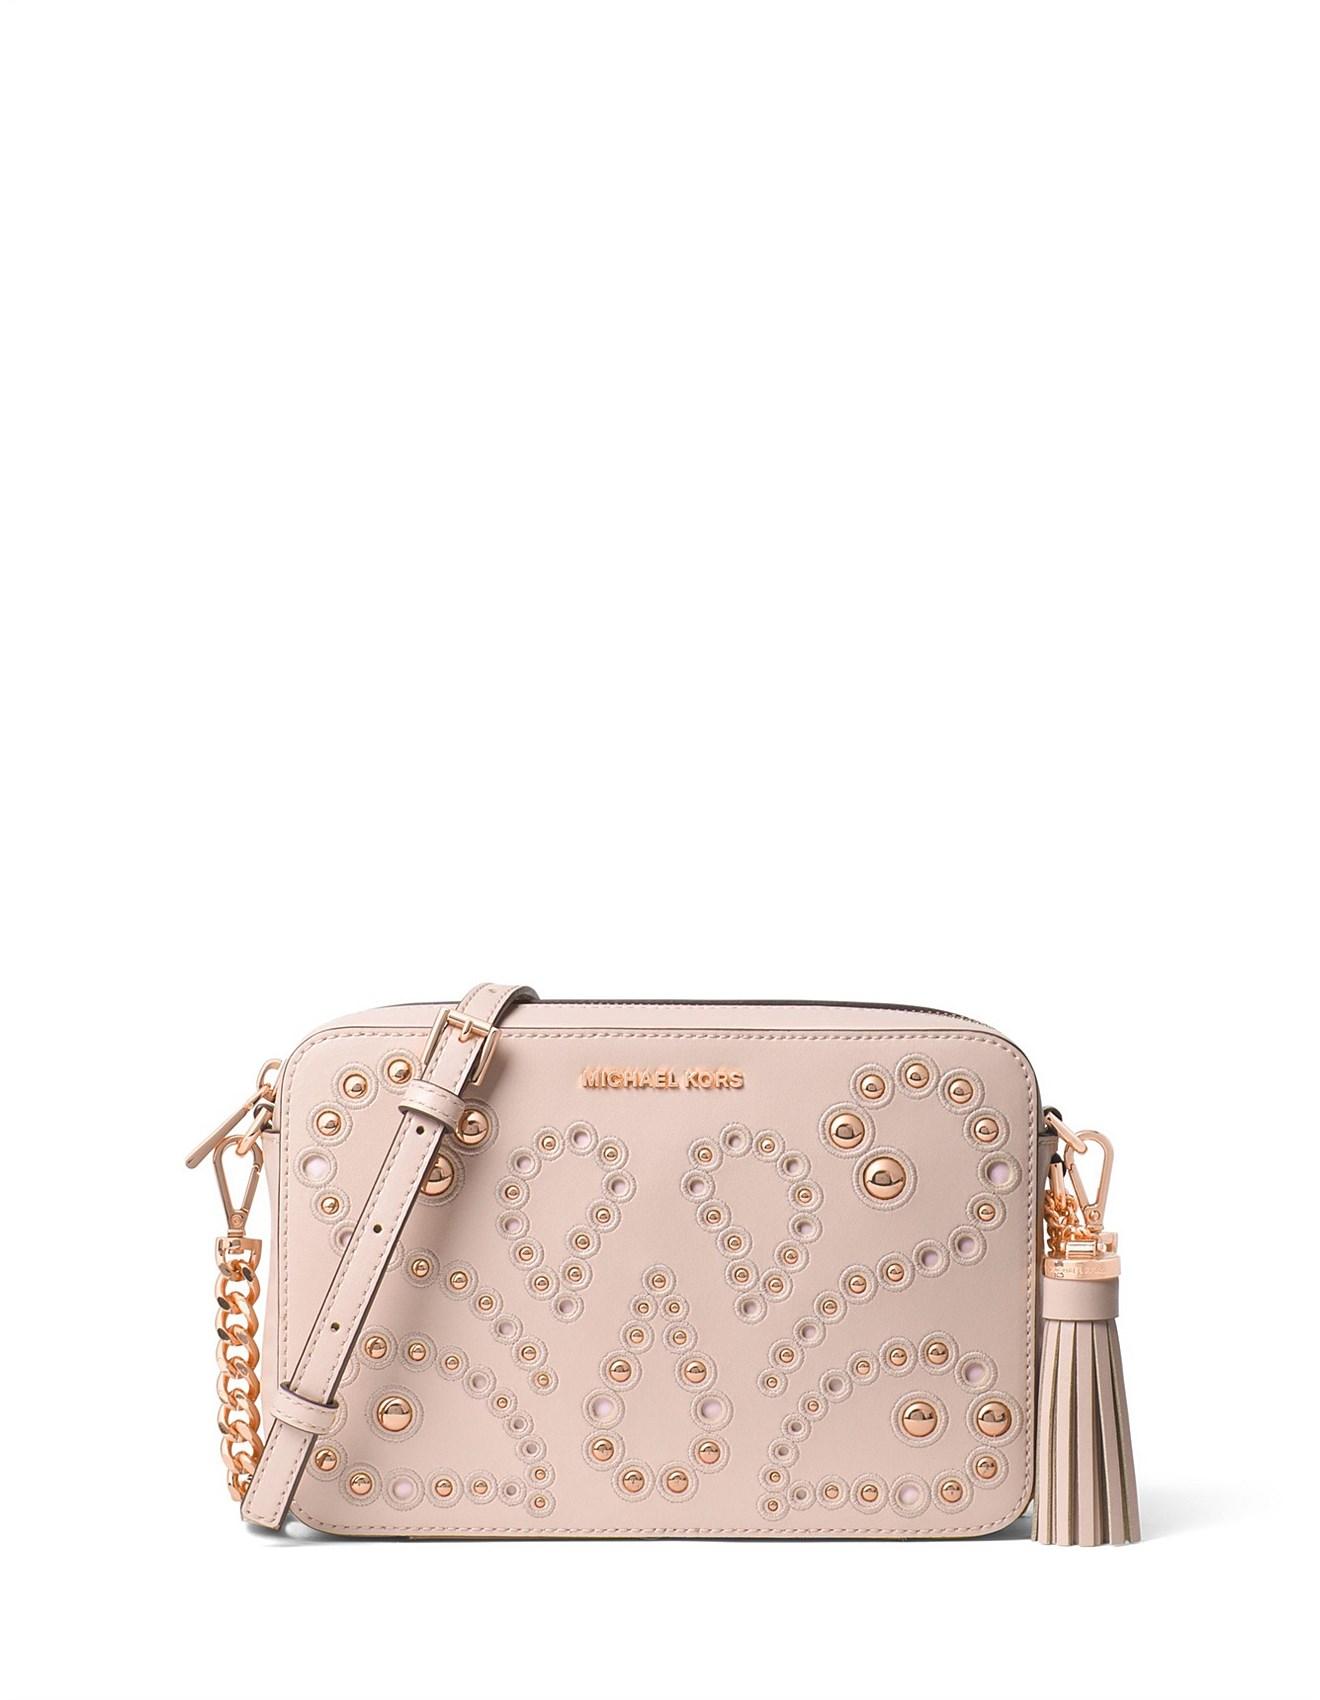 de6ad07714f8 Bags & Accessories Sale | Buy Handbags Online | David Jones - Ginny ...